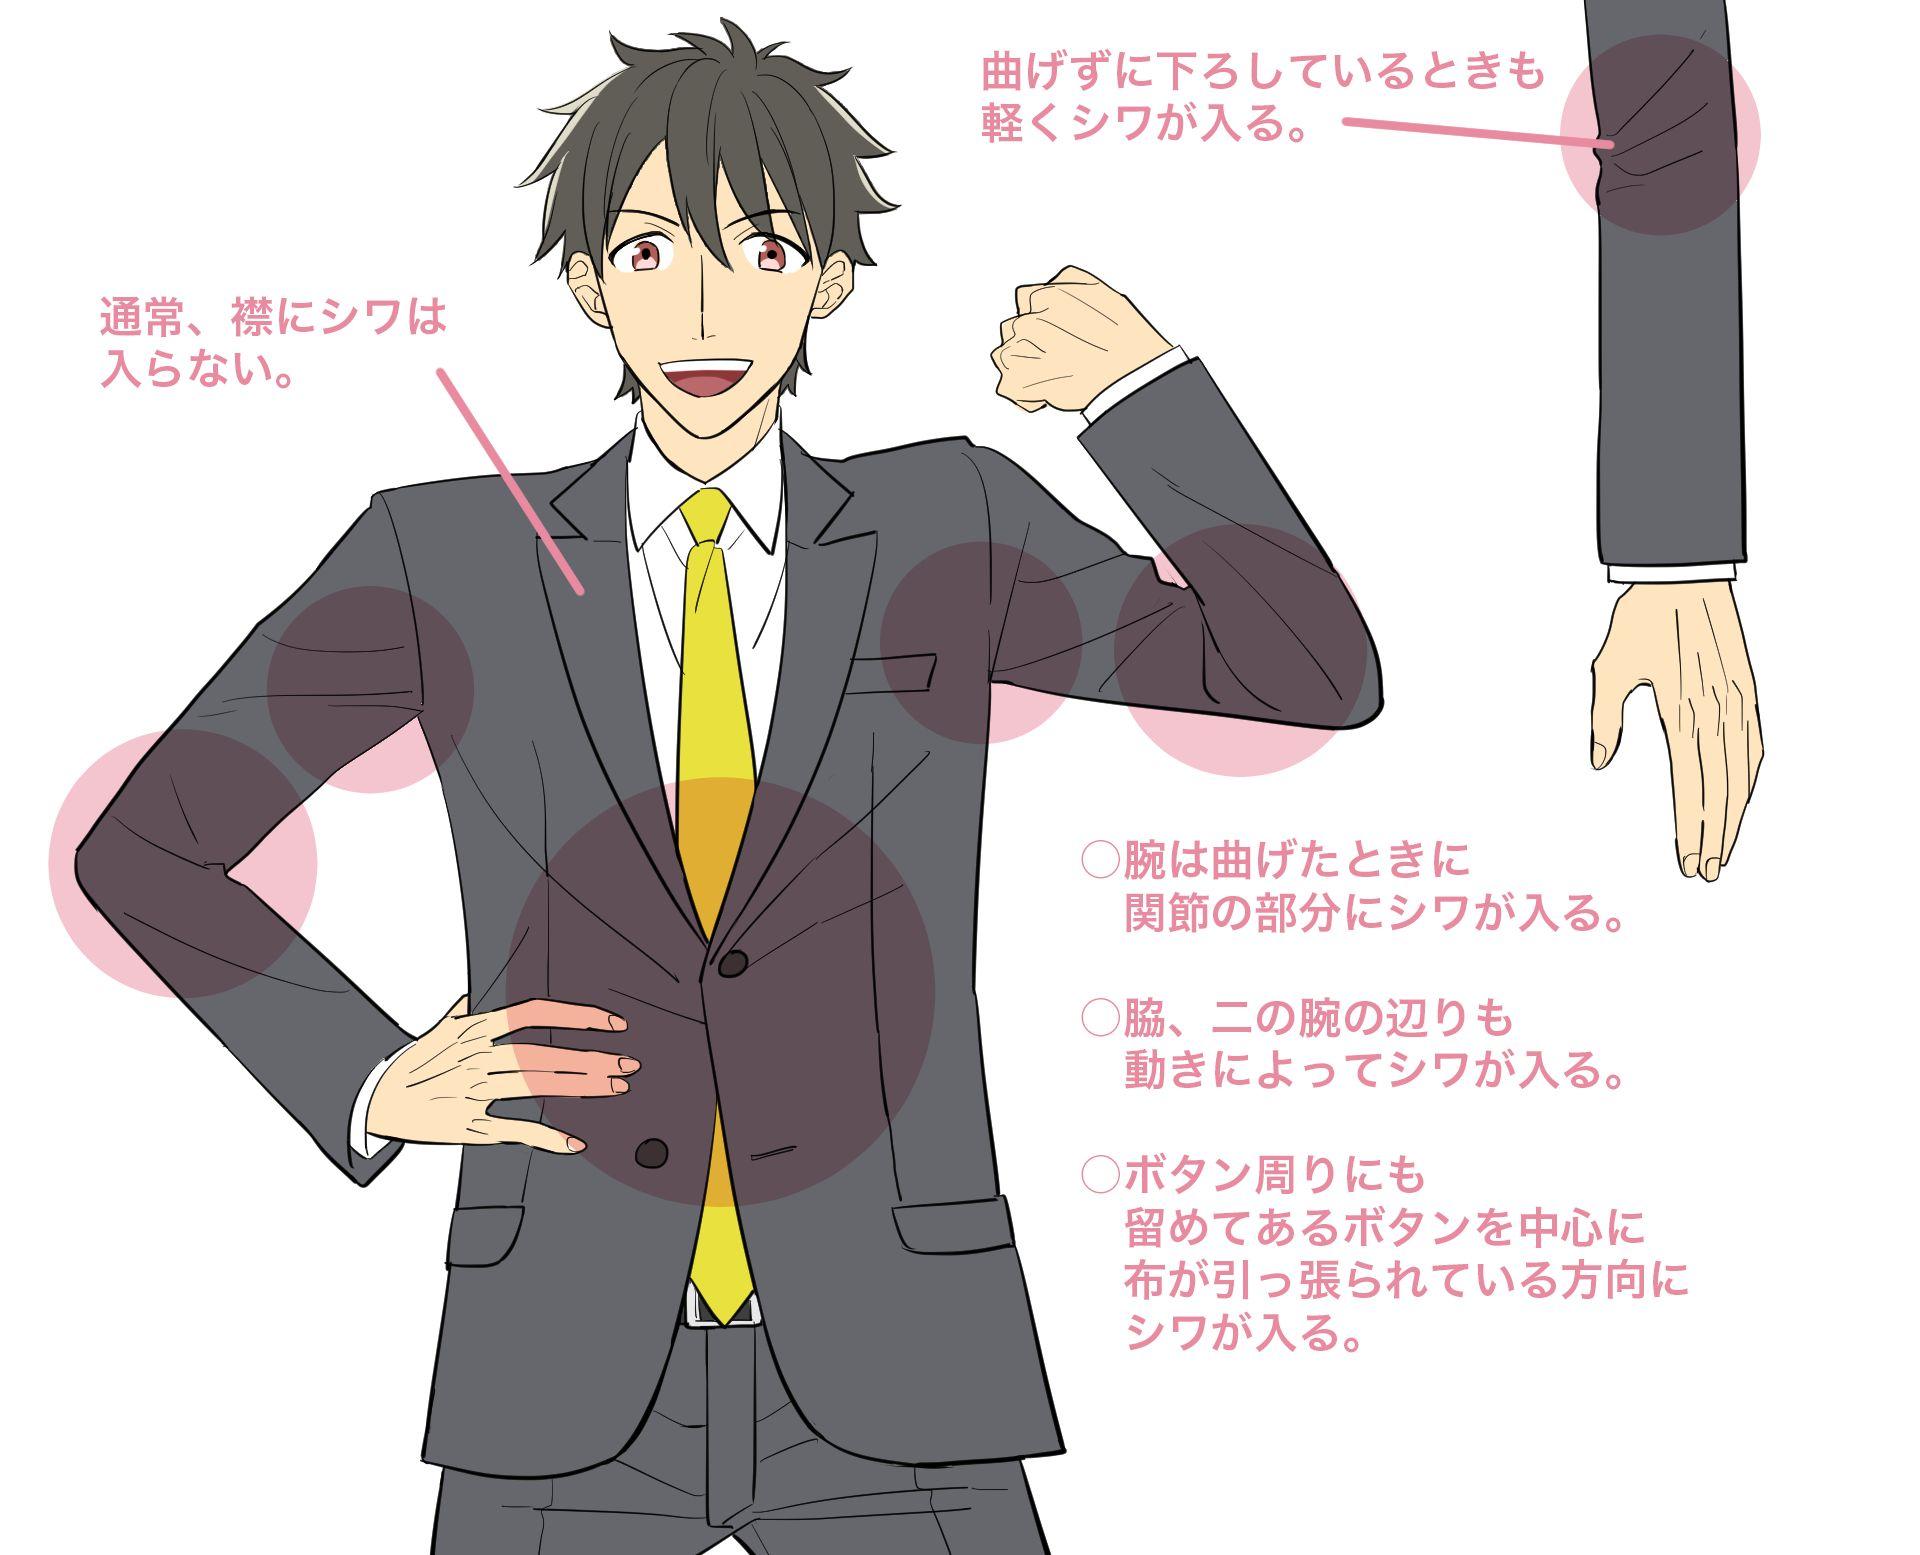 スーツ男子の描き方講座〈スーツの種類・仕組みも解説!〉 | イラスト